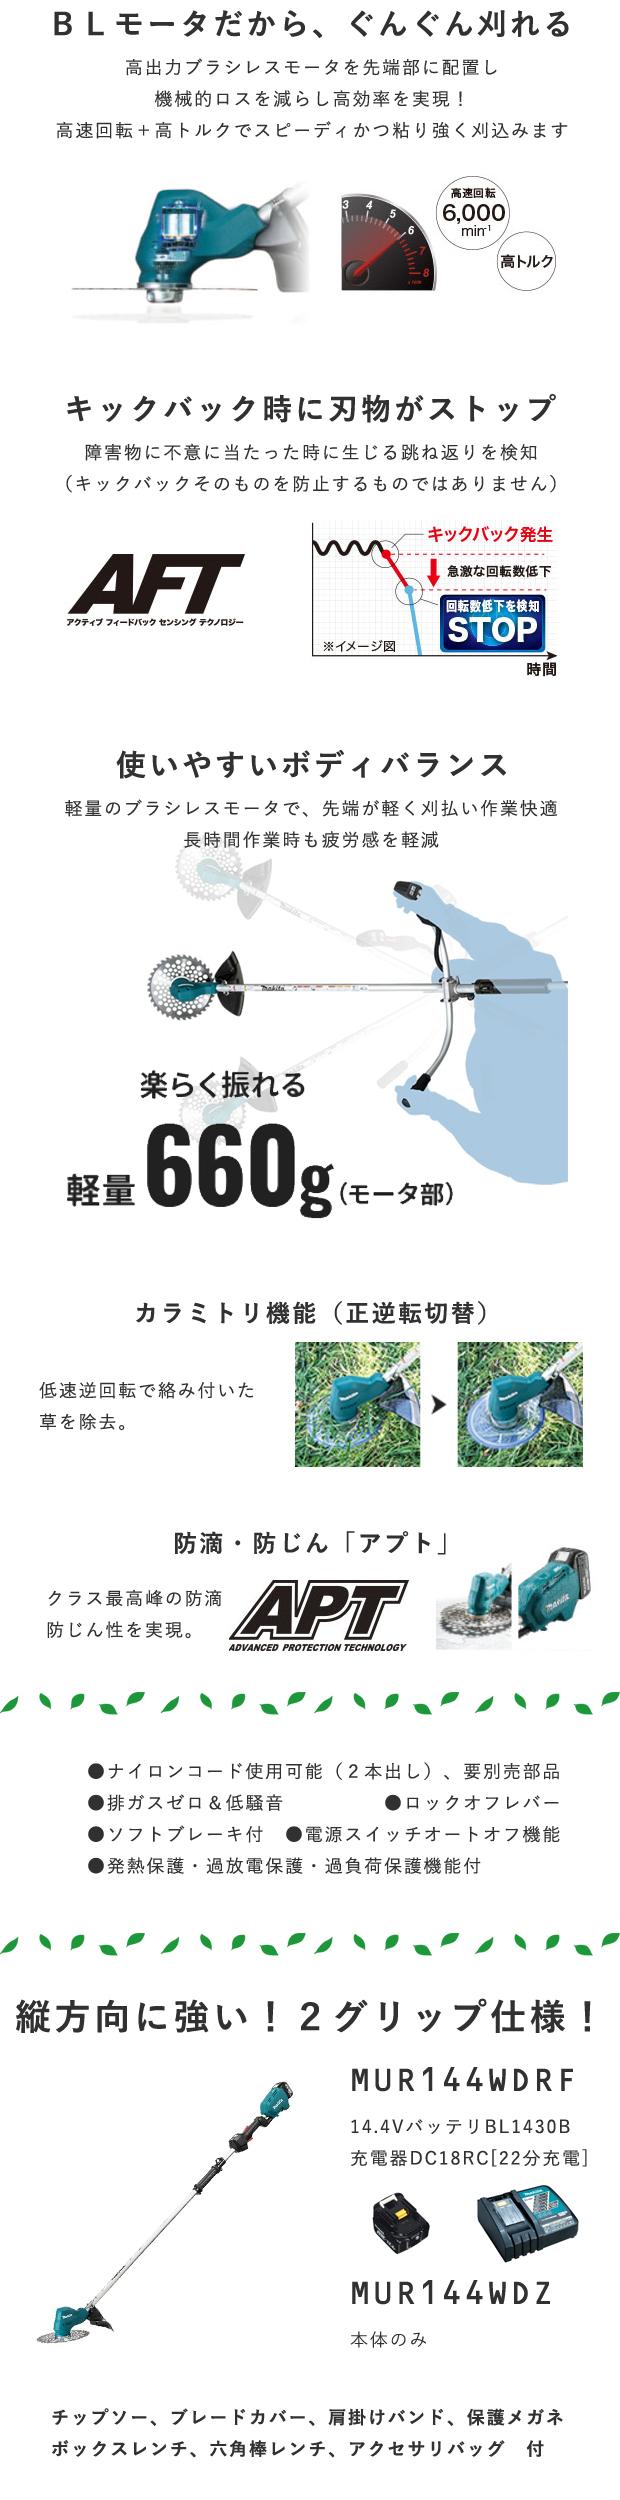 マキタ 14.4V 充電式草刈機 [2グリップ仕様] MUR144WD